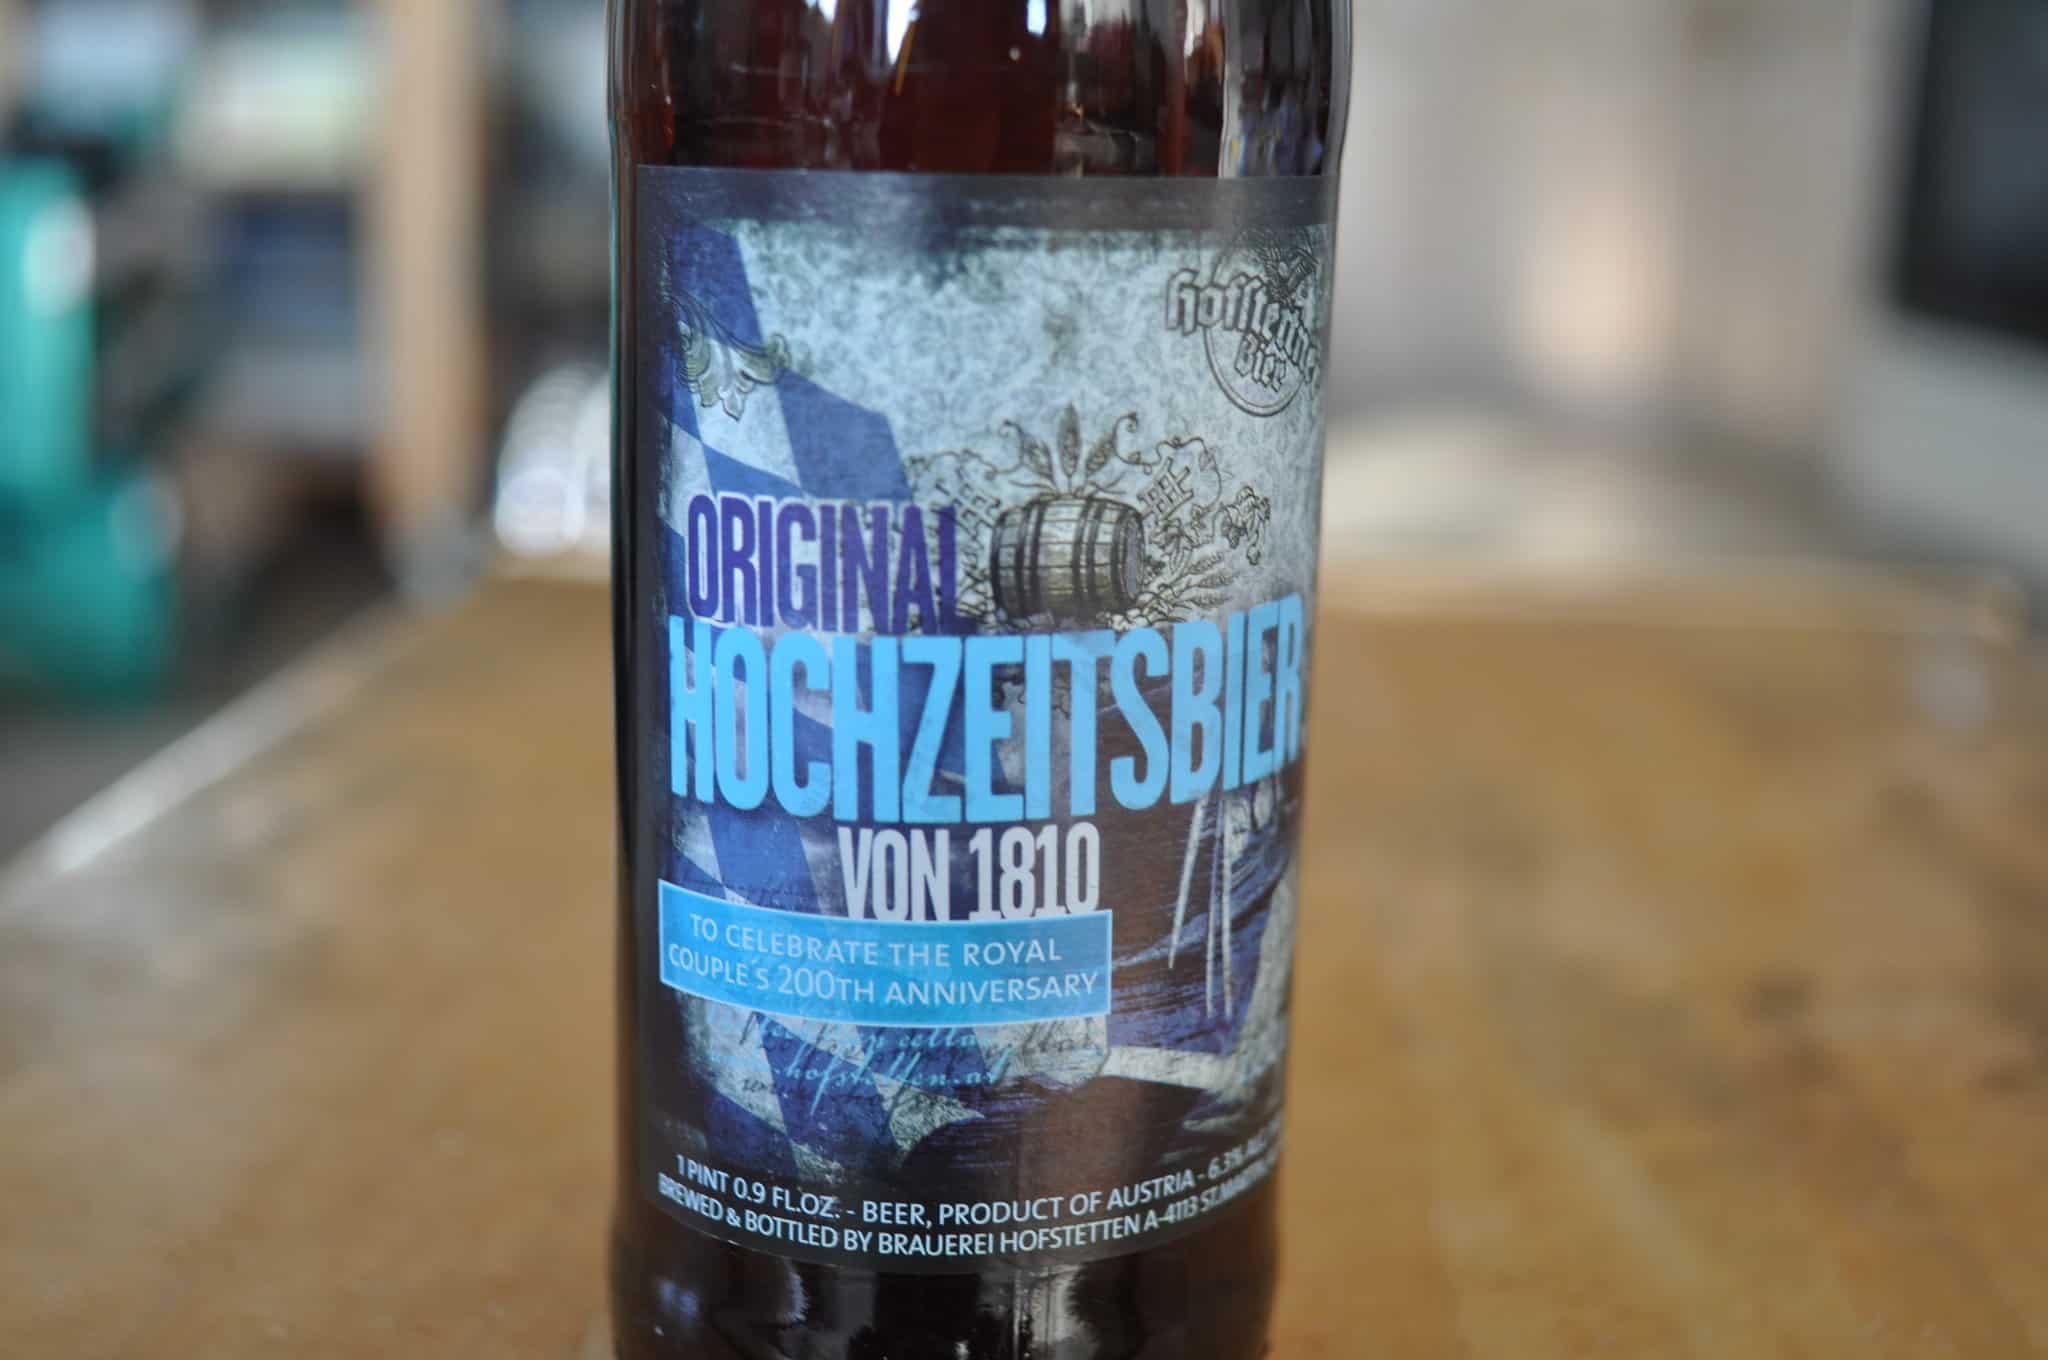 Hofstettner Original Hochzeitsbier von 1810 – oktoberfest beer